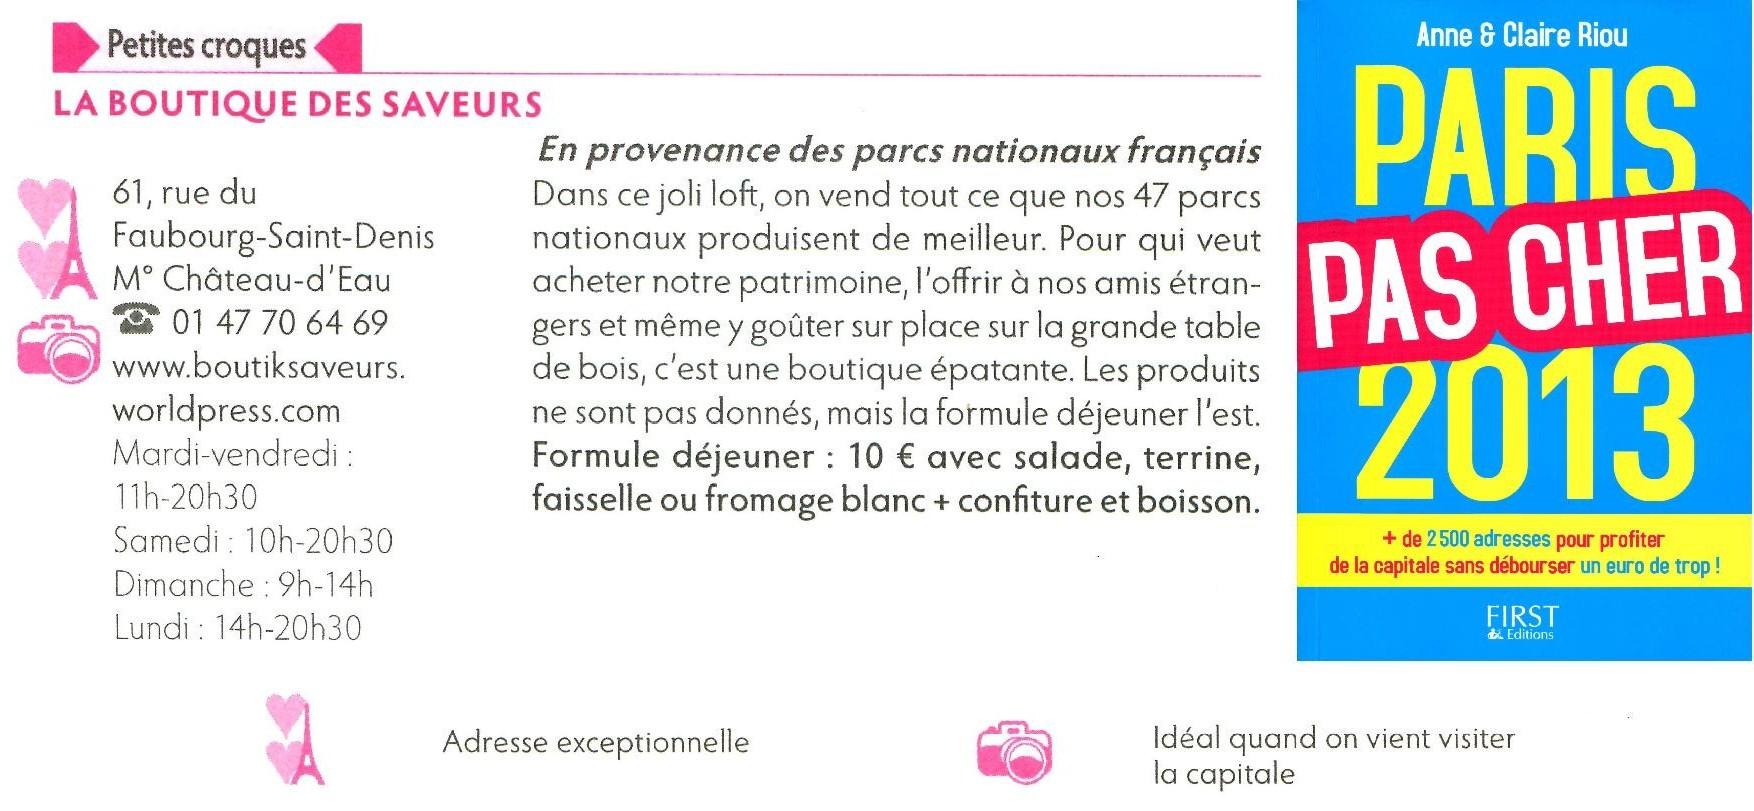 En provenance des parcs nationaux fran ais boutique des saveurs epicerie fine d gustations - Boutique des musees nationaux ...